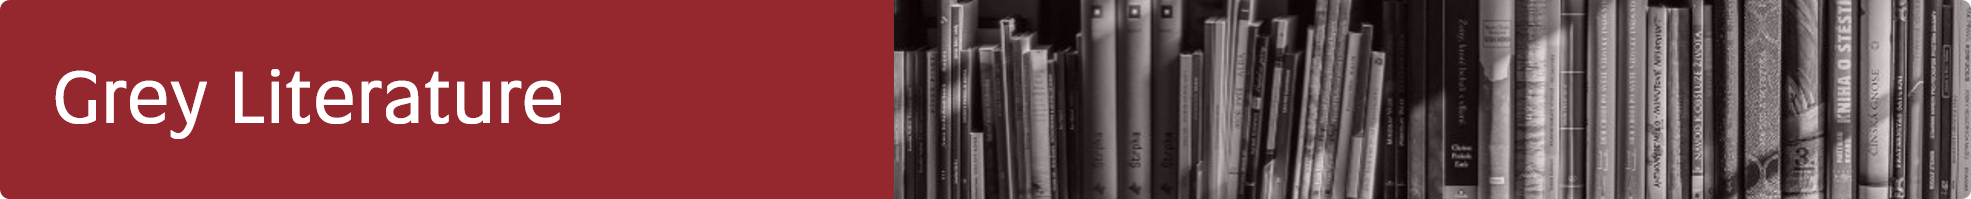 Grey Literature title banner